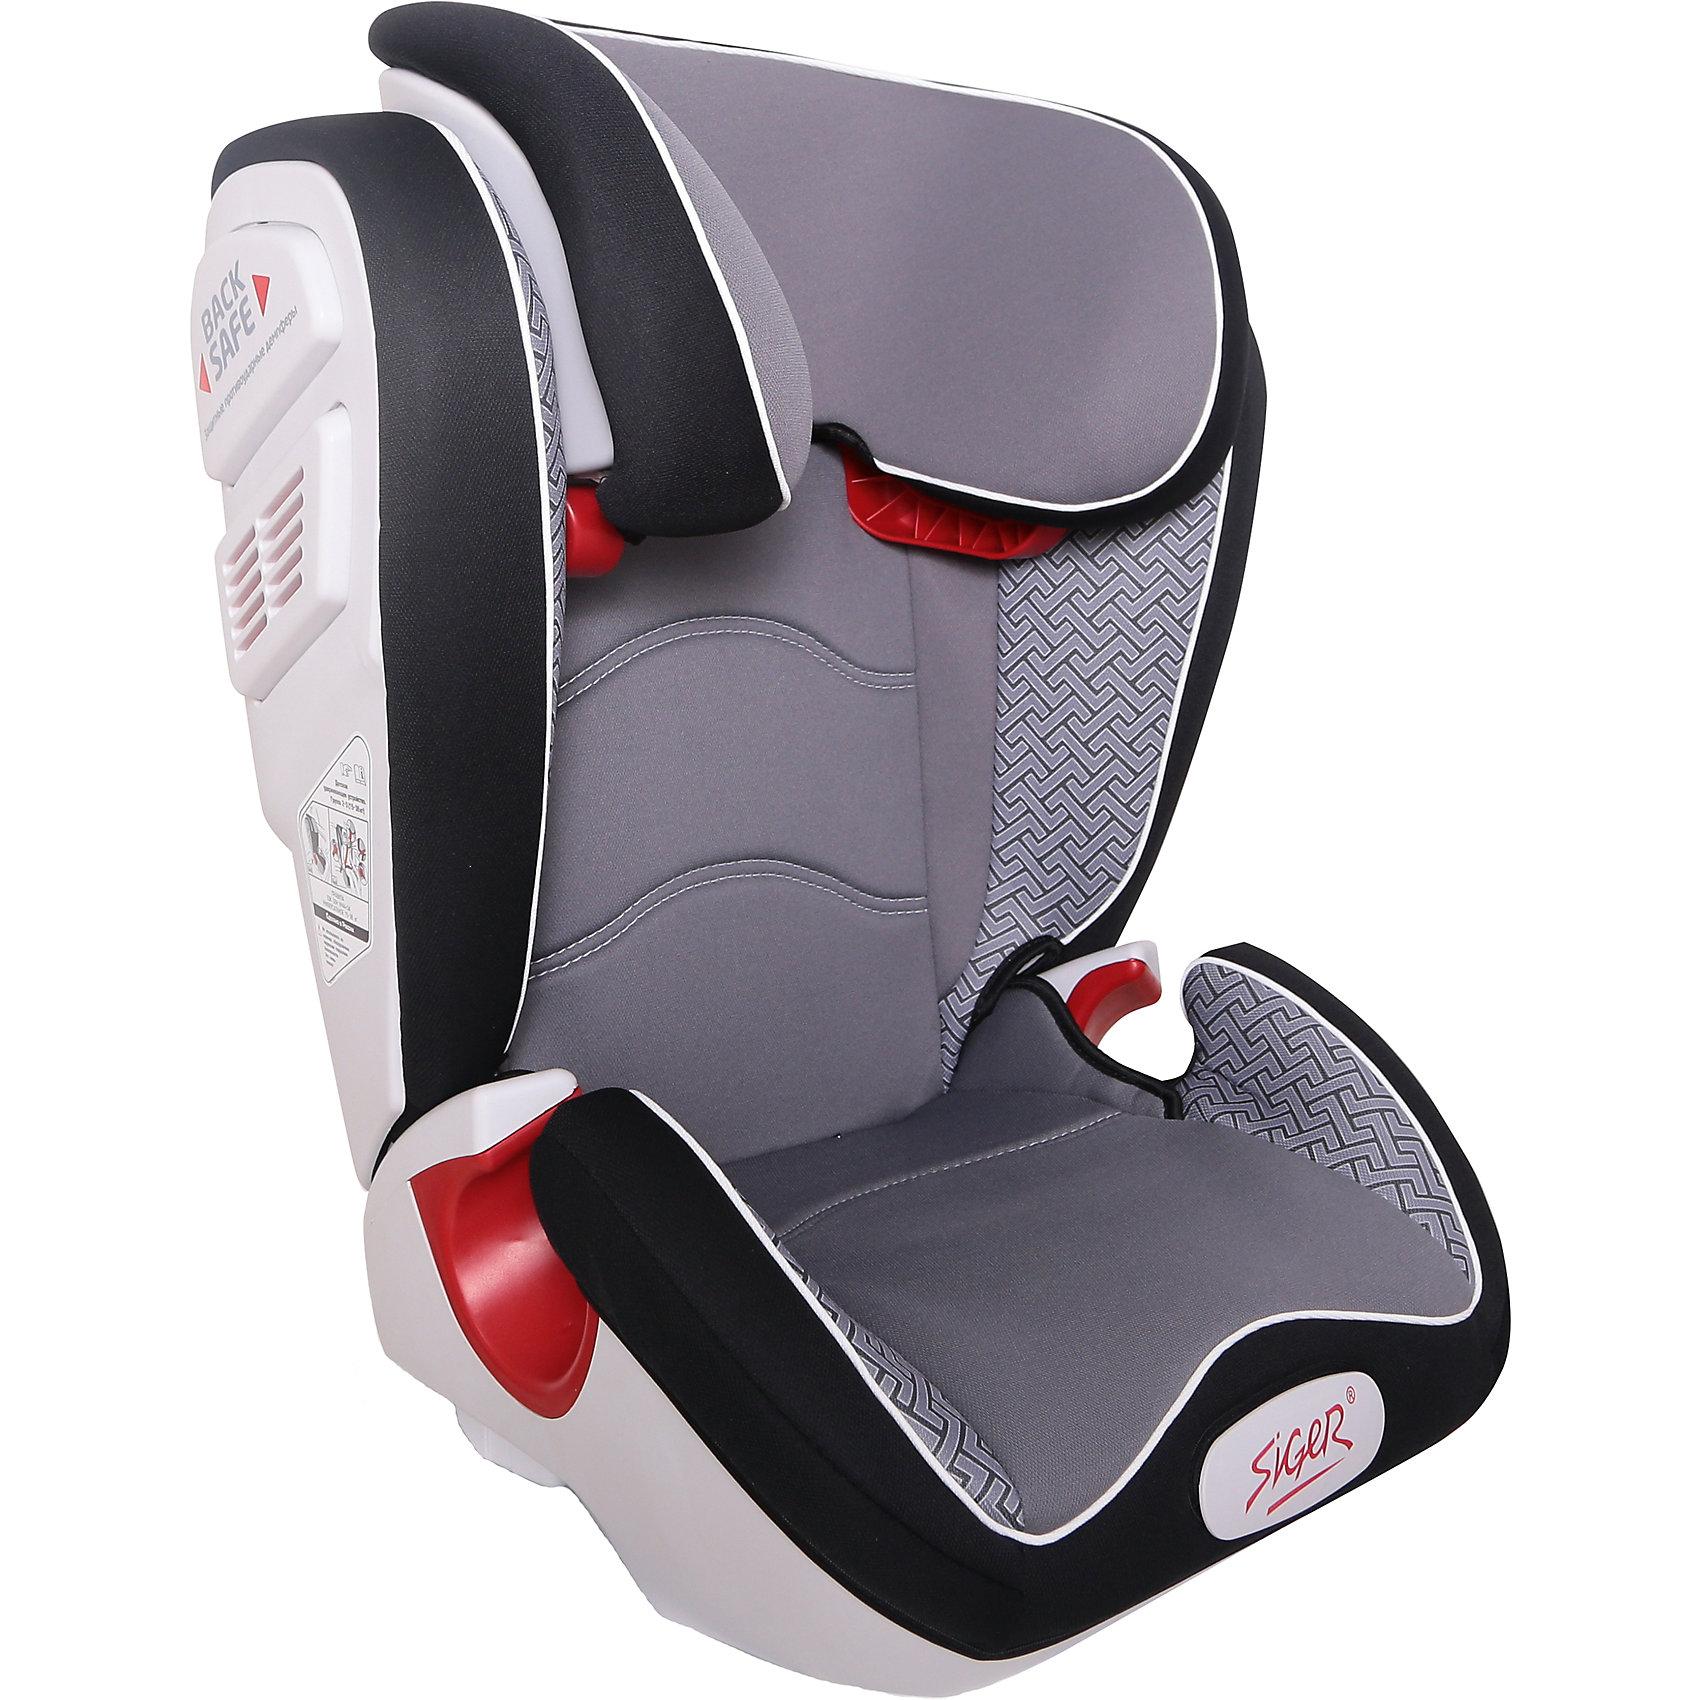 Автокресло Siger Олимп Art 15-36 кг, серый лабиринтГруппа 2-3 (От 15 до 36 кг)<br>Характеристики:<br><br>• группа: 2/3;<br>• вес ребенка: 15-36 кг;<br>• возраст ребенка: от 3 до 12 лет;<br>• способ крепления: штатный ремень безопасности автомобиля;<br>• способ установки: по ходу движения автомобиля;<br>• усиленный каркас;<br>• подголовник регулируется по высоте;<br>• анатомическая форма кресла;<br>• посадочное место увеличено;<br>• имеется специальный фиксатор, который контролирует прохождение ремня;<br>• дополнительная защита от боковых ударов;<br>• перфорированная ткань в области спины;<br>• чехол снимается и стирается при температуре 30 градусов;<br>• материал: пластик, полиэстер;<br>• размер автокресла: 43,3х51,7х63,4 см;<br>• вес автокресла: 7,8 кг.<br><br>Автокресло группы 2-3 предназначено для детей в возрасте от 3 до 12 лет. Автокресло устанавливается на заднем сидении автомобиля лицом по ходу движения или на переднем сидении с обязательным условием – отключенной подушкой безопасности. <br><br>Автокресло Олимп Art 15-36 кг., SIGER, серый лабиринт можно купить в нашем интернет-магазине.<br><br>Ширина мм: 430<br>Глубина мм: 511<br>Высота мм: 631<br>Вес г: 7800<br>Возраст от месяцев: 36<br>Возраст до месяцев: 144<br>Пол: Унисекс<br>Возраст: Детский<br>SKU: 5409376